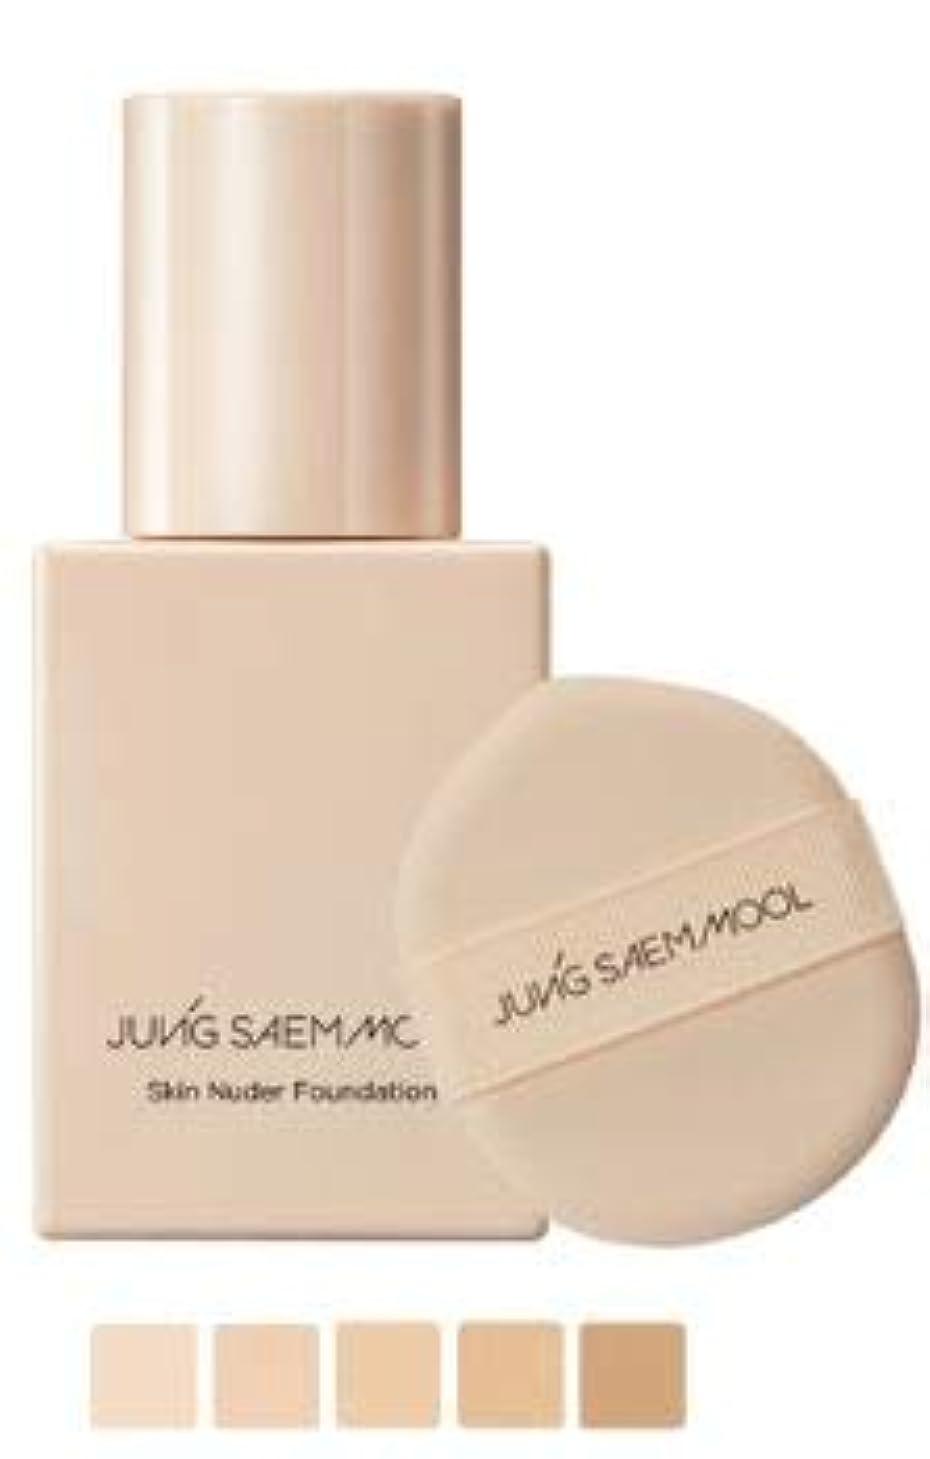 リーダーシップテクトニック韻[JUNGSAEMMOOL] Skin Nuder Foundation 30ml / [ジョンセンムル] スキンヌーダーファンデーション30ml (FairLight(17-19)) [並行輸入品]